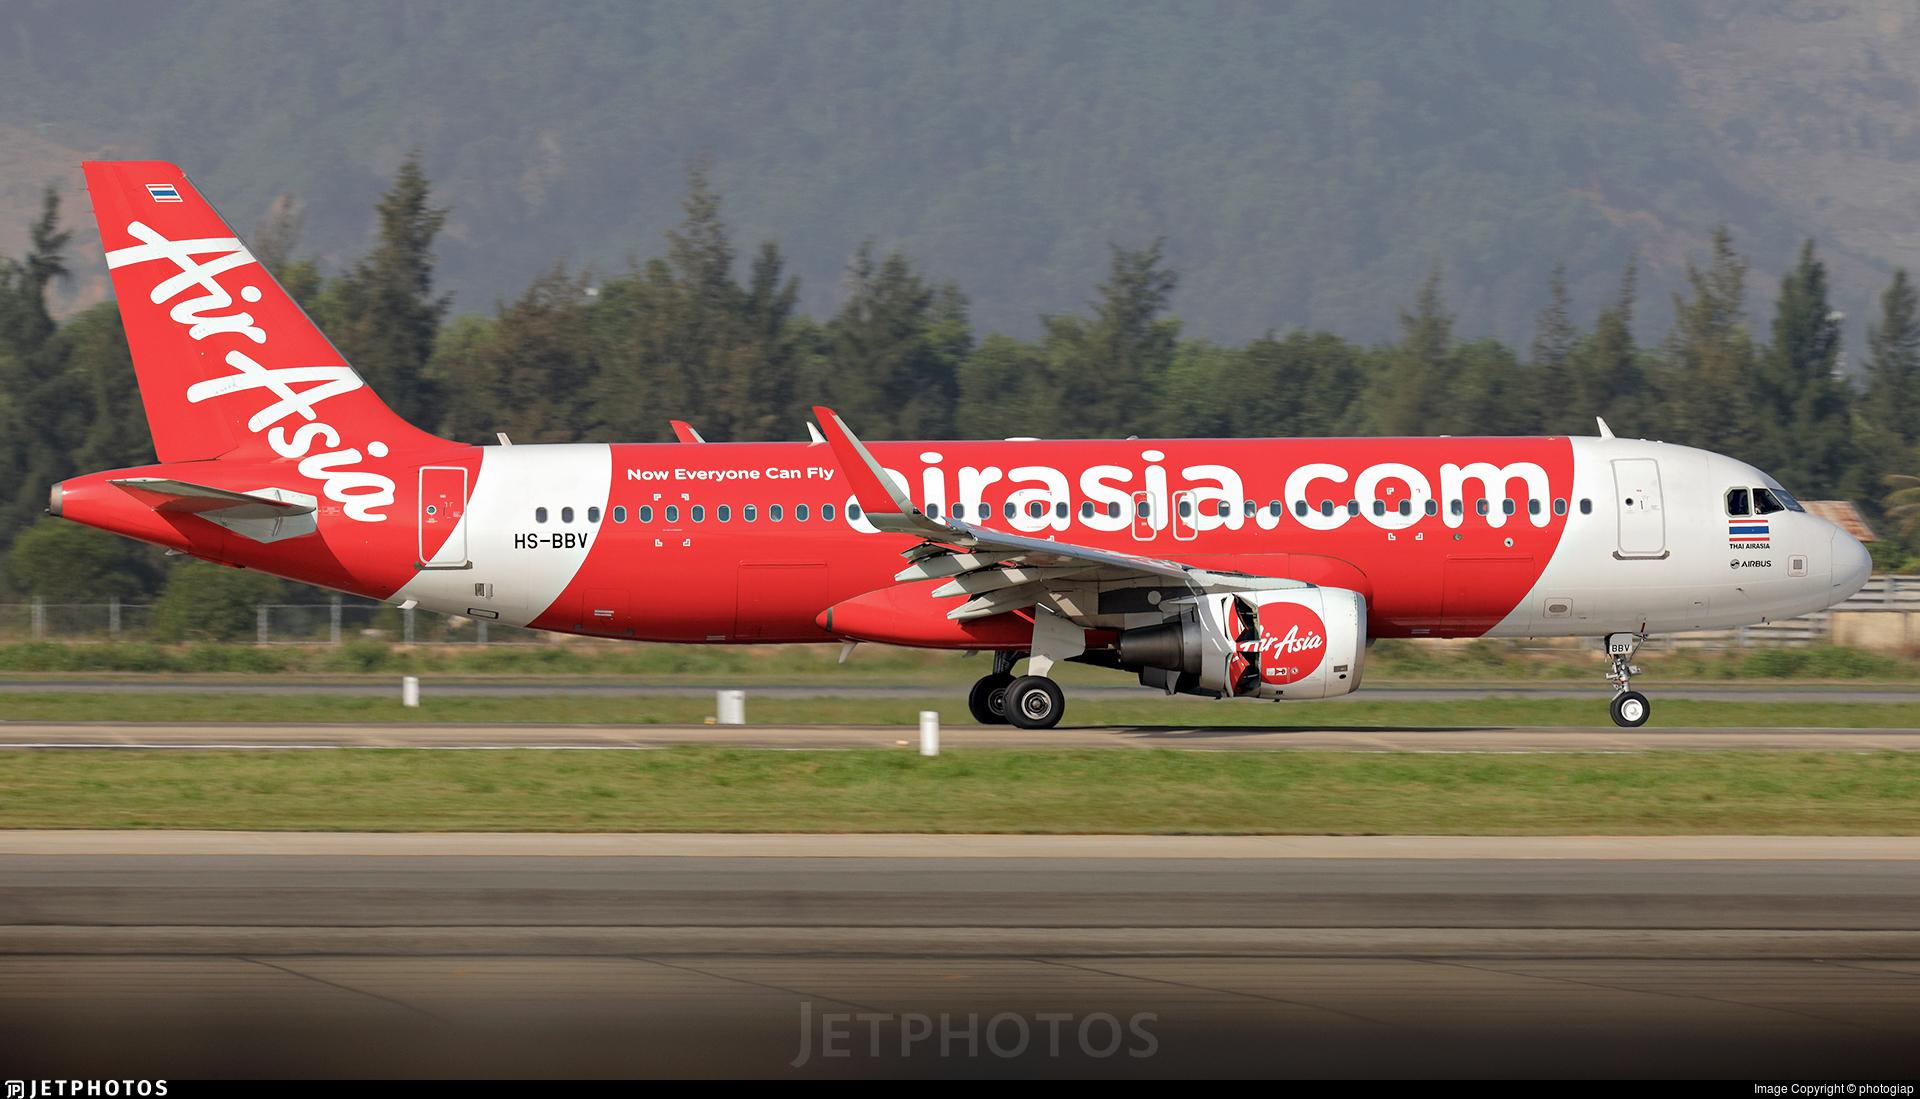 HS-BBV - Airbus A320-216 - Thai AirAsia